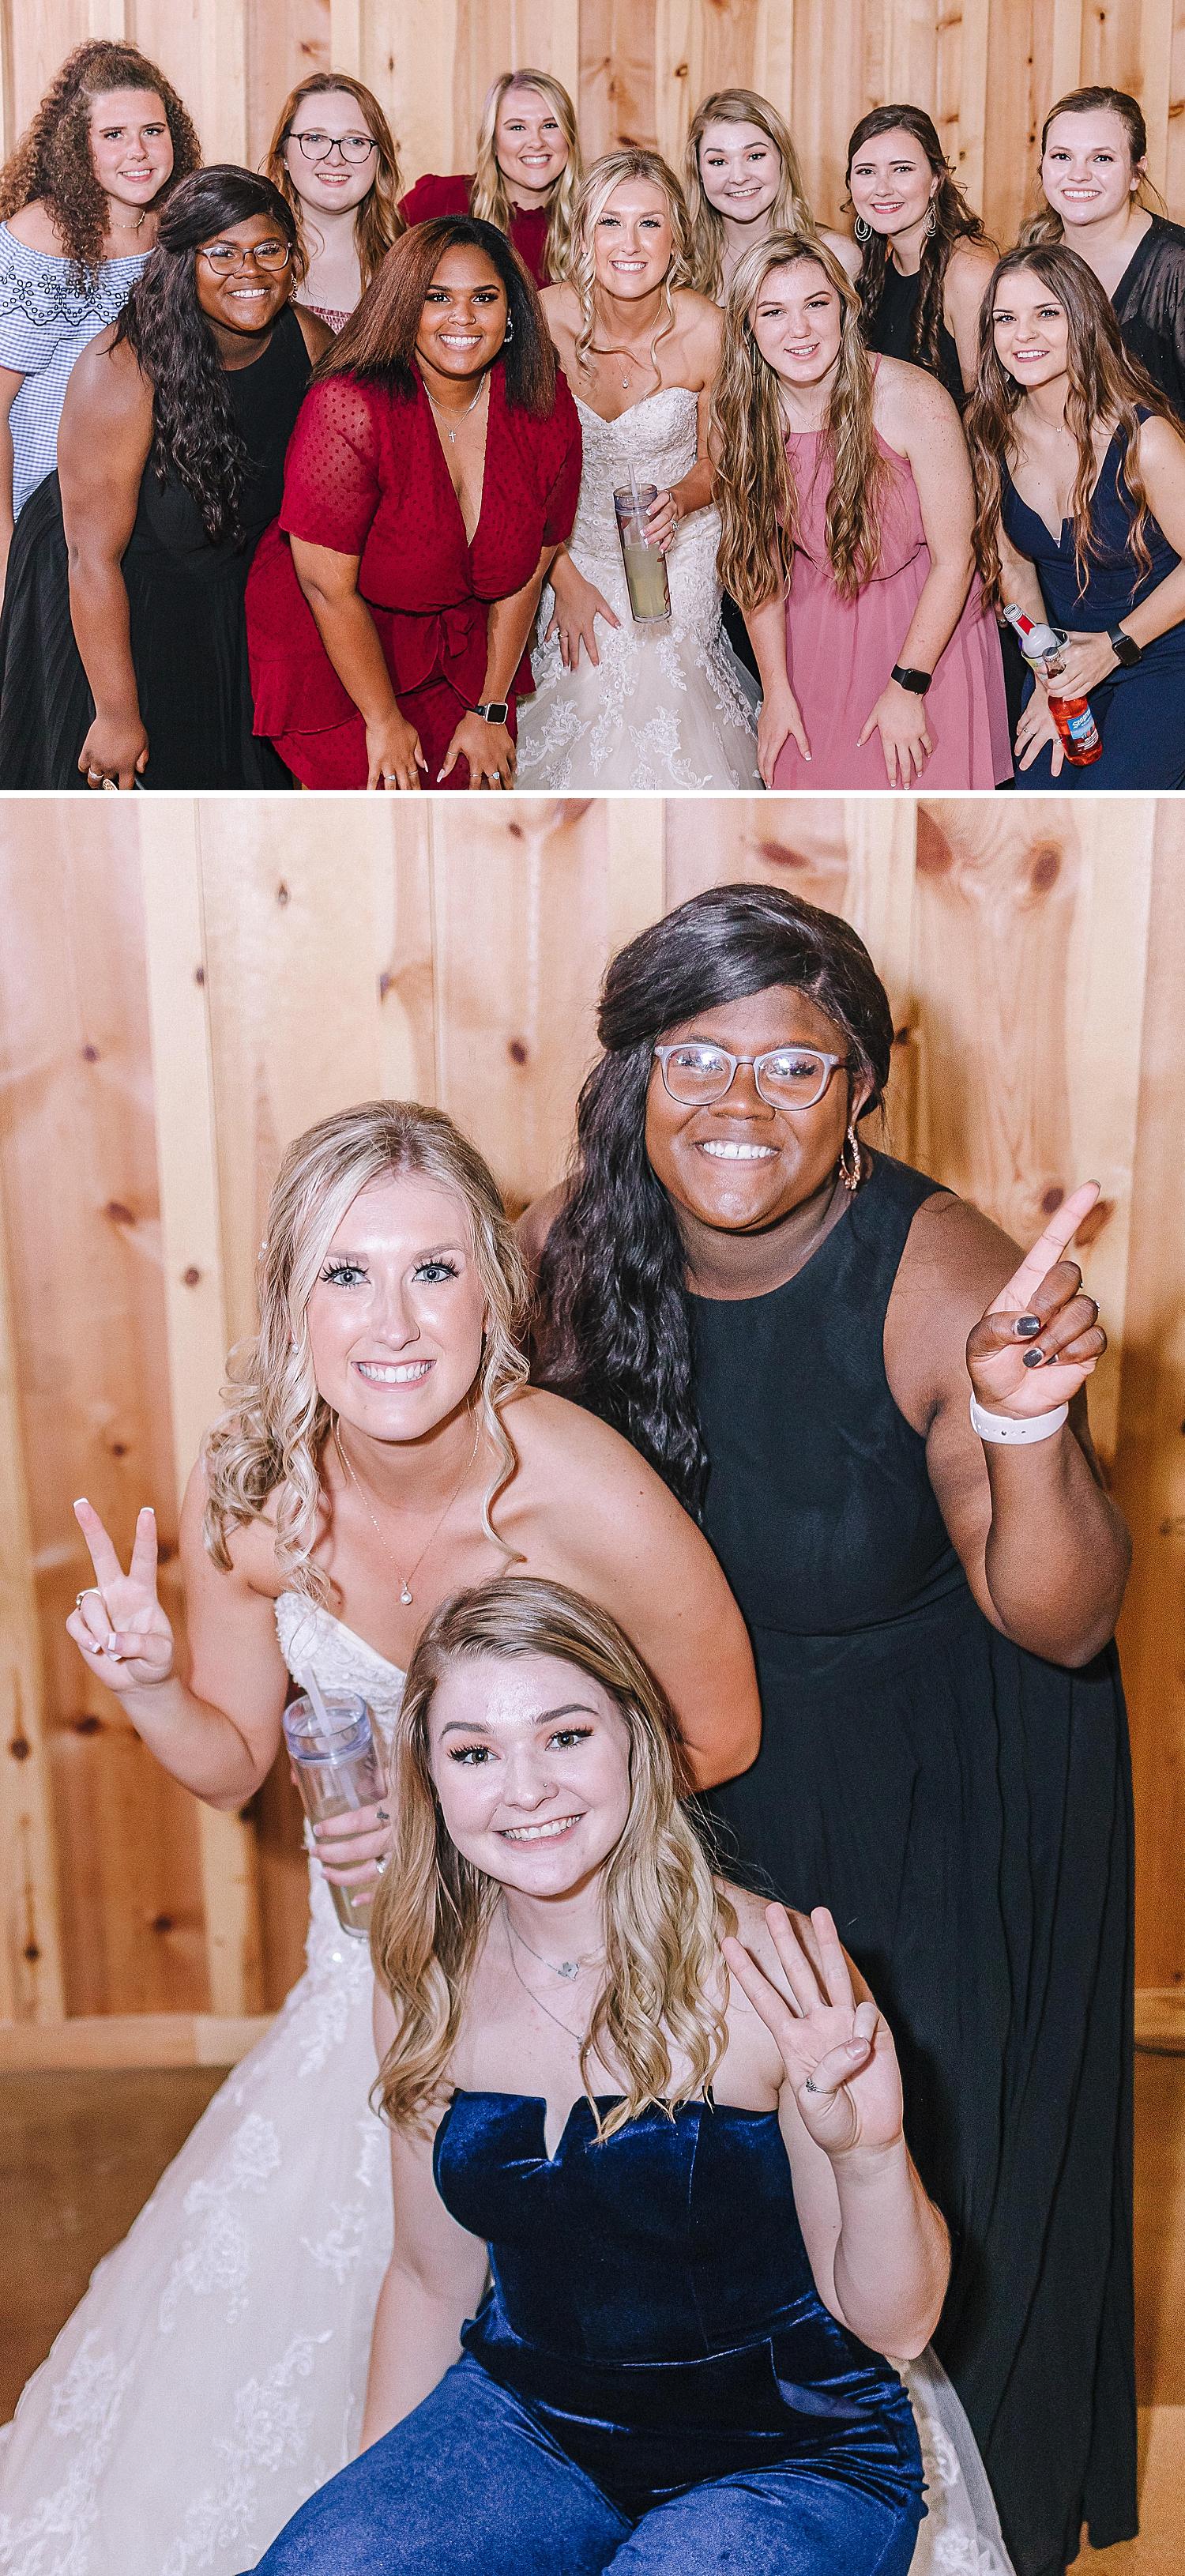 Rackler-Ranch-LaVernia-Texas-Wedding-Carly-Barton-Photography_0145.jpg